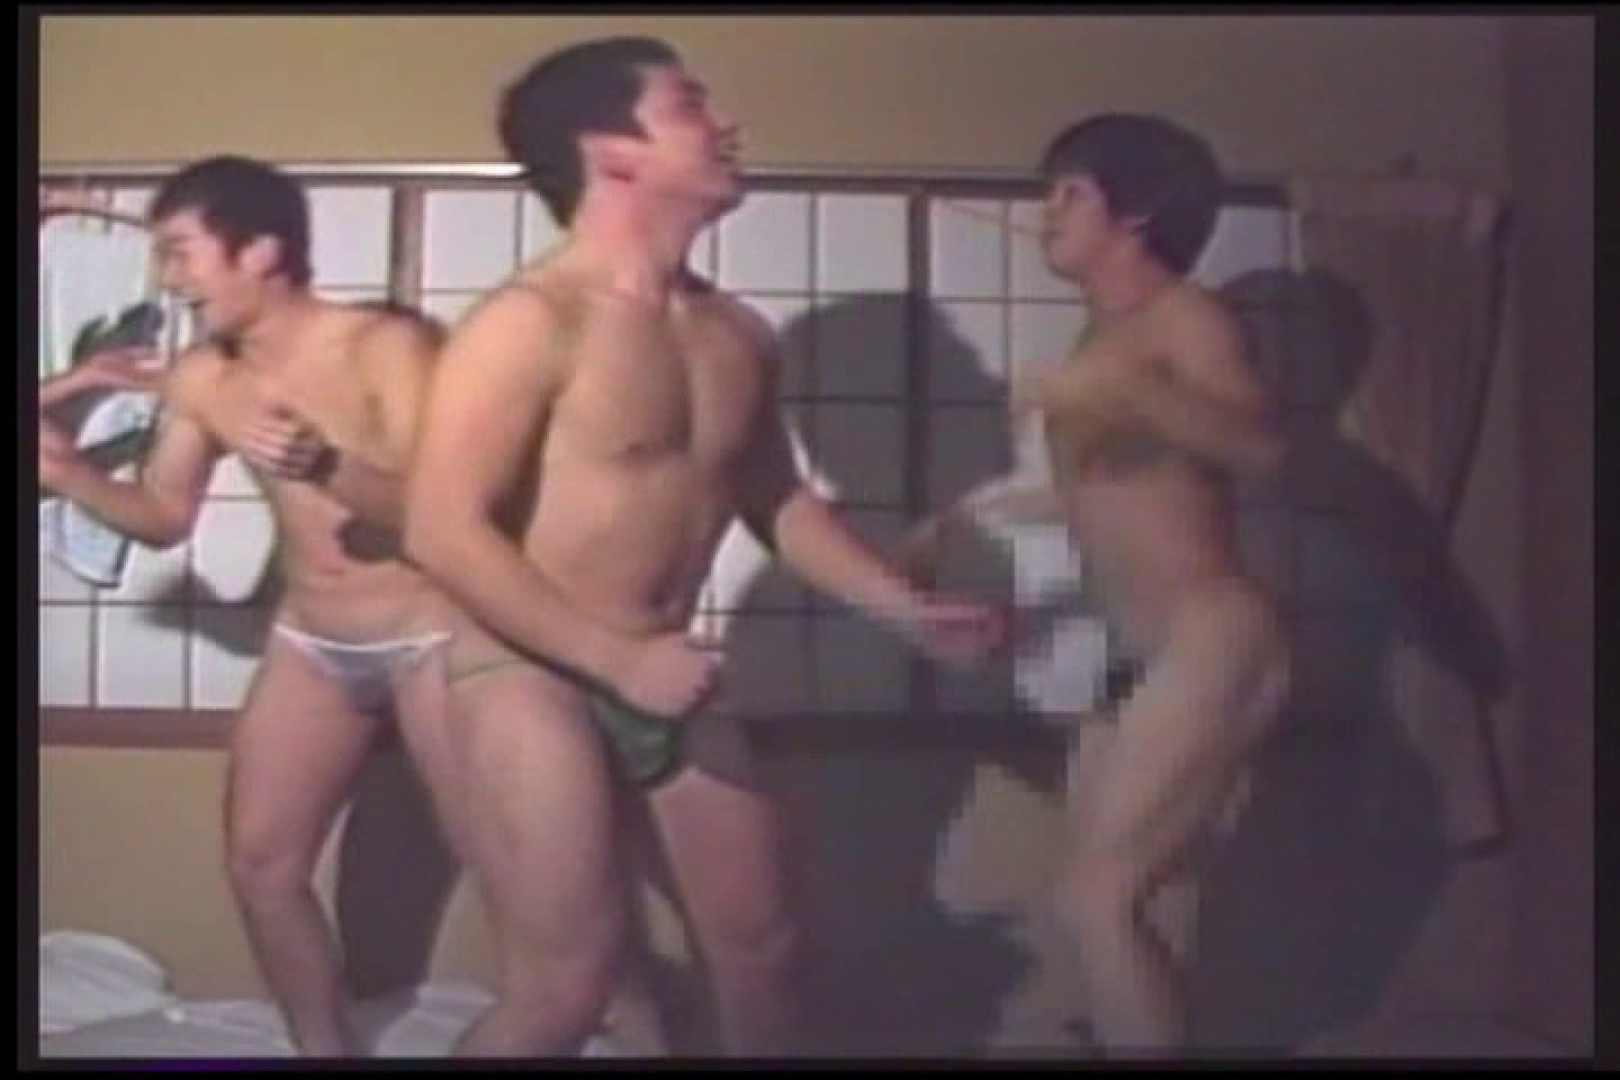 若人は元気!新歓合宿にておふざけ特集VOL.03 サル系な男たち ゲイ無修正動画画像 87連発 29